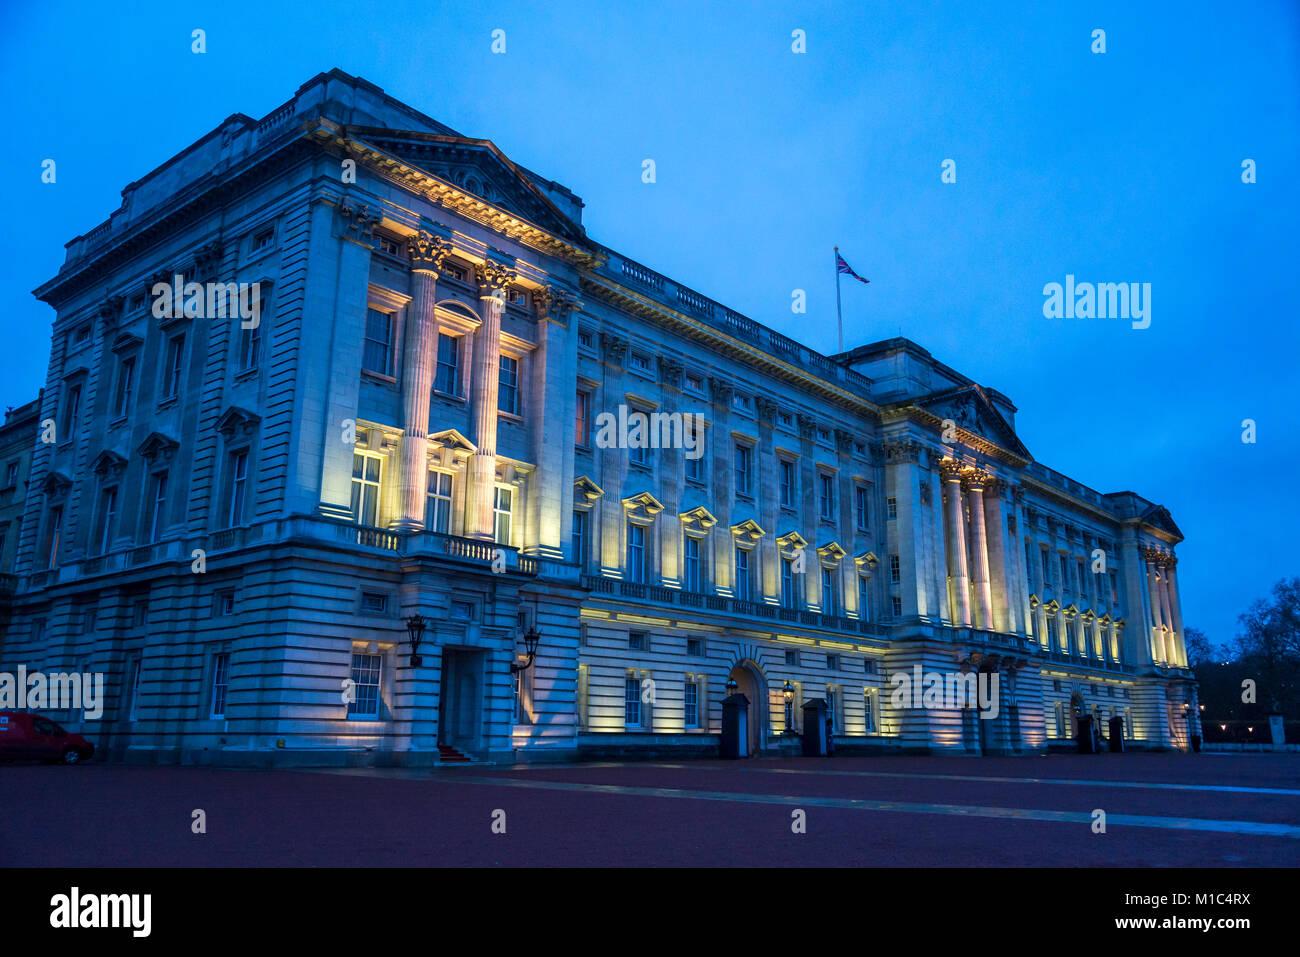 Buckingham Palace es la residencia de Londres y sede administrativa del monarca reinante del Reino Unido, Londres, Inglaterra, Reino Unido. Foto de stock